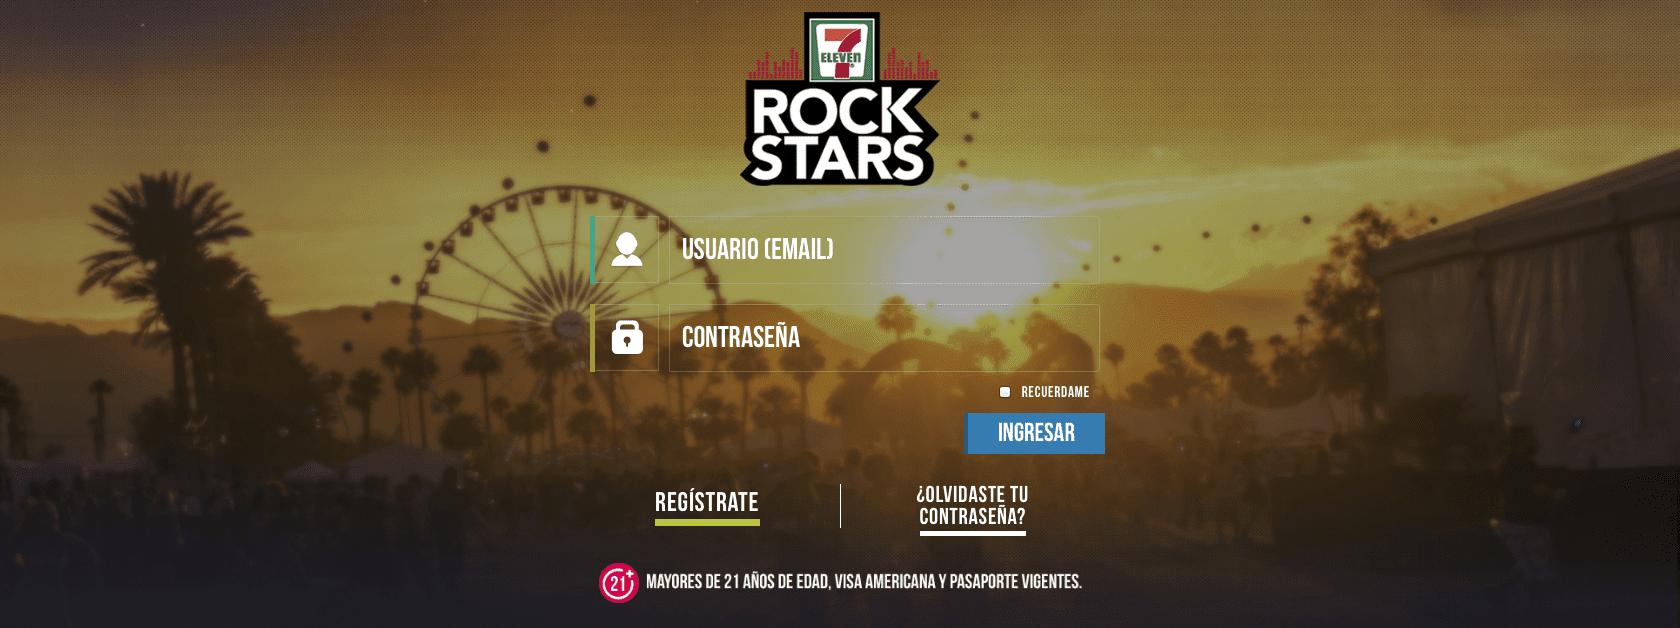 Promoción 7-Eleven Rock Stars: Registra tus tickets en 7-elevenrockstars.com y gana viaje al festival Desert Trip